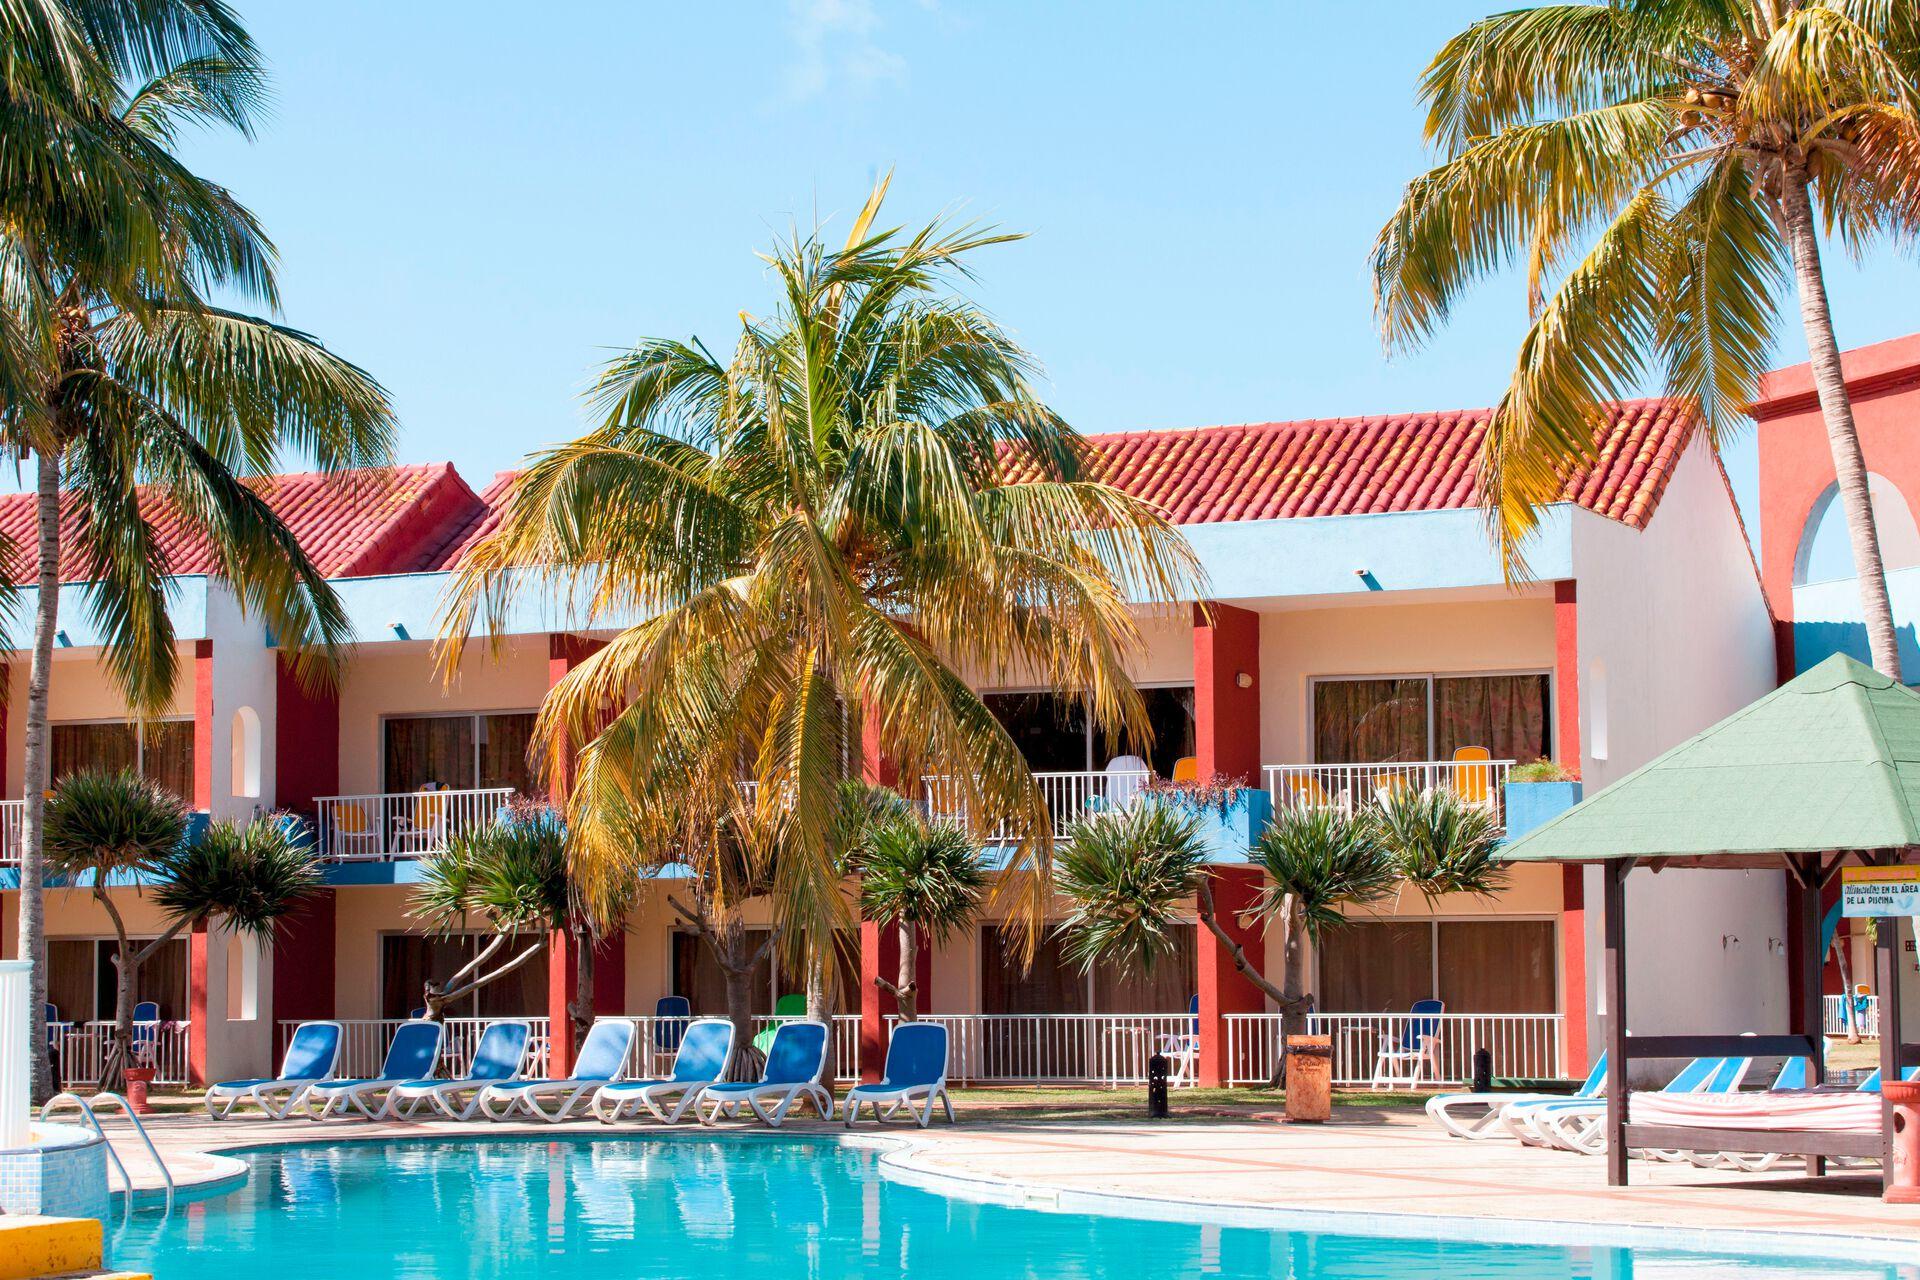 Hôtel Brisas del Caribe 4*